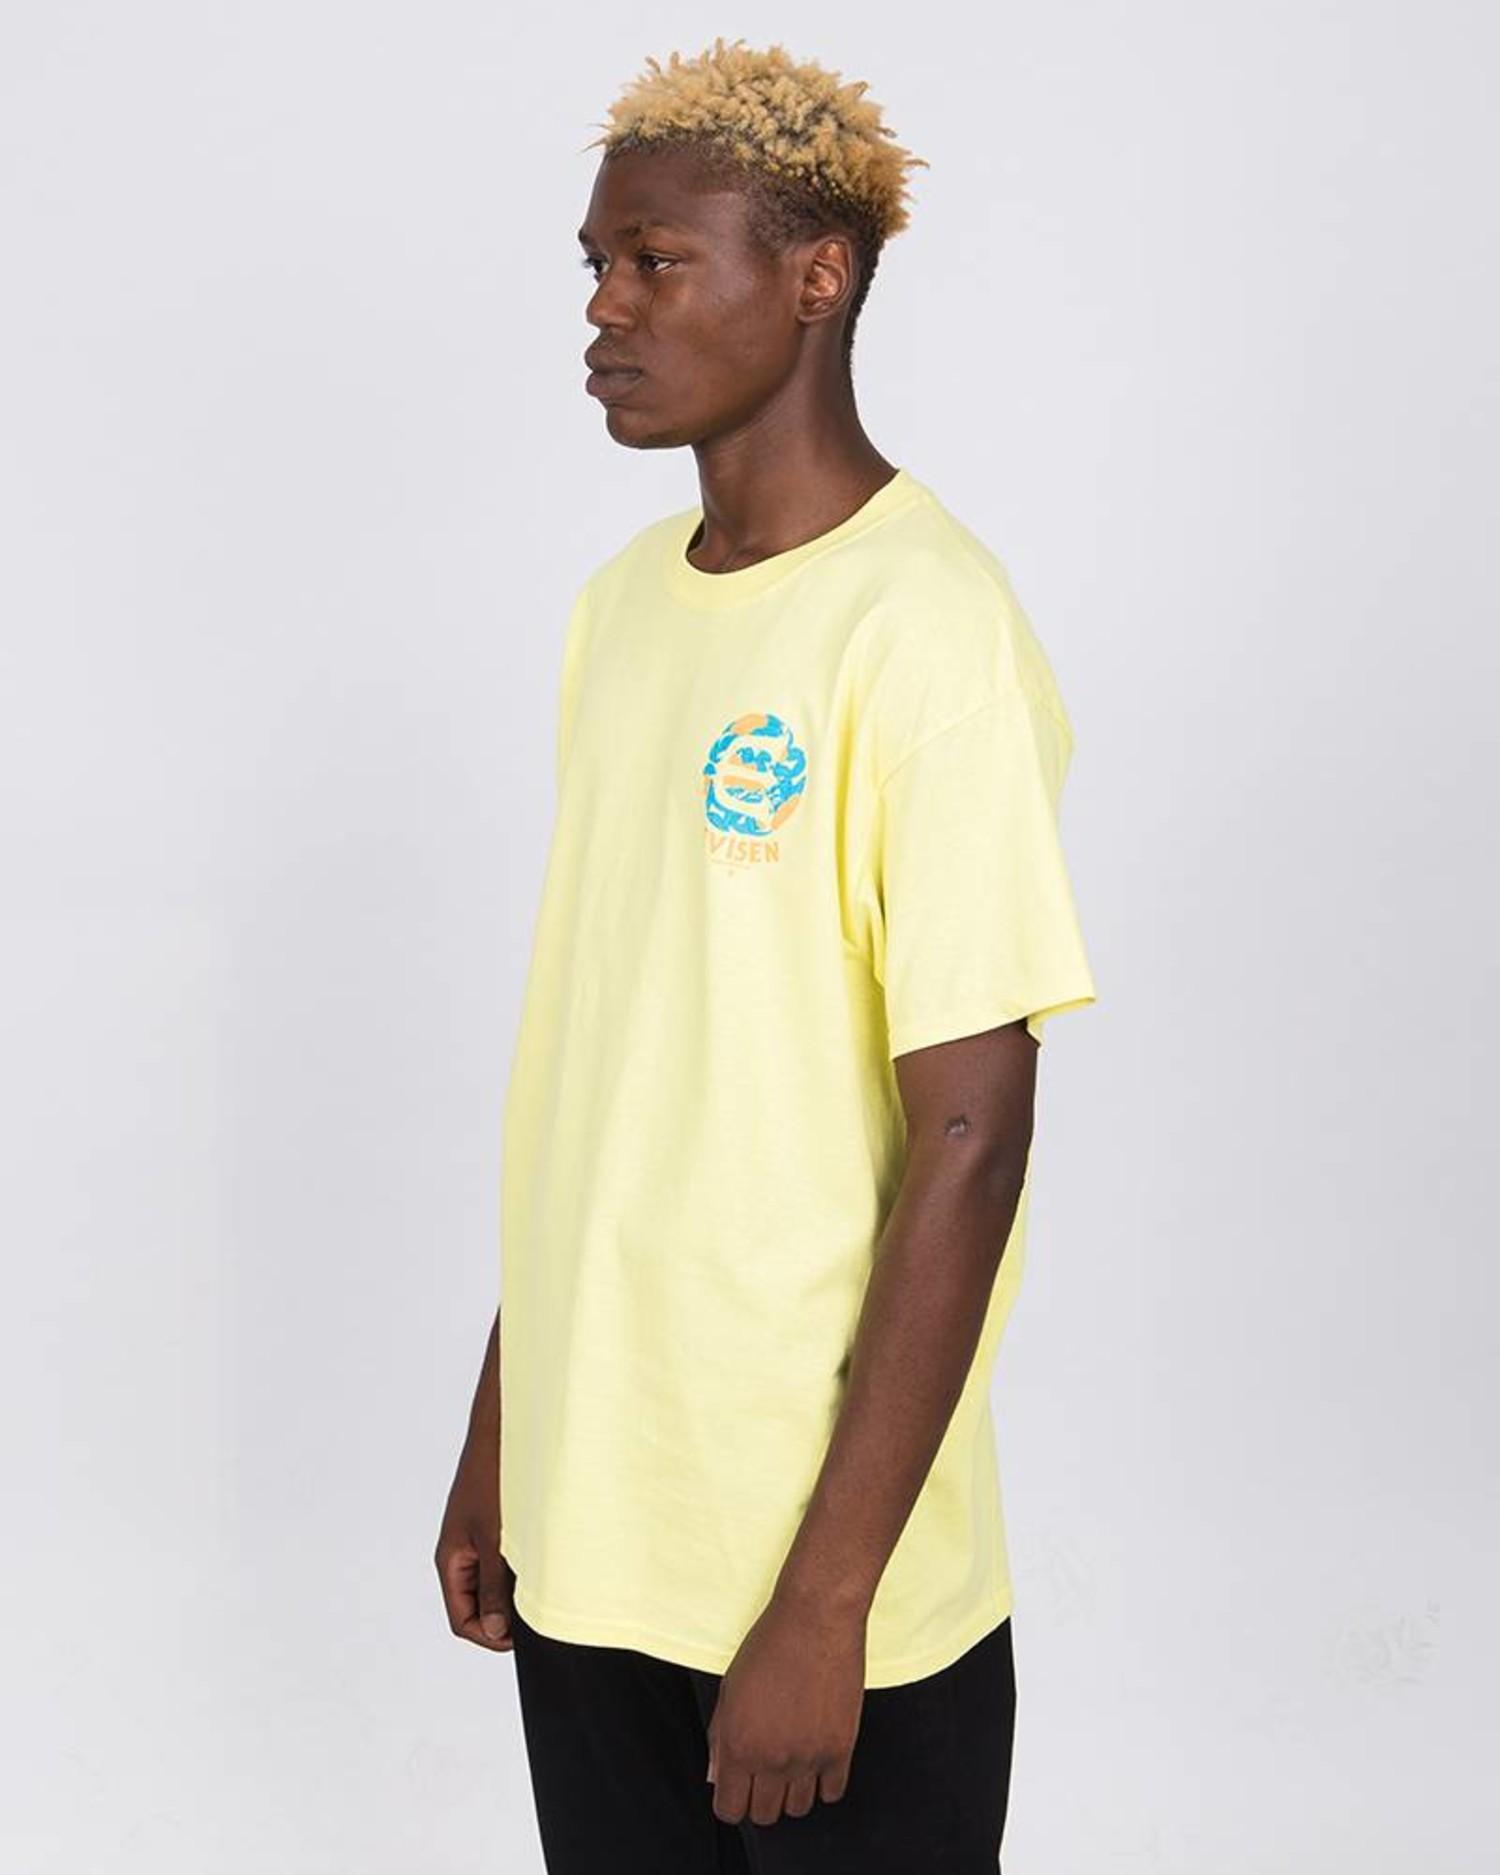 Evisen Doku Tsubaki T-shirt Banana